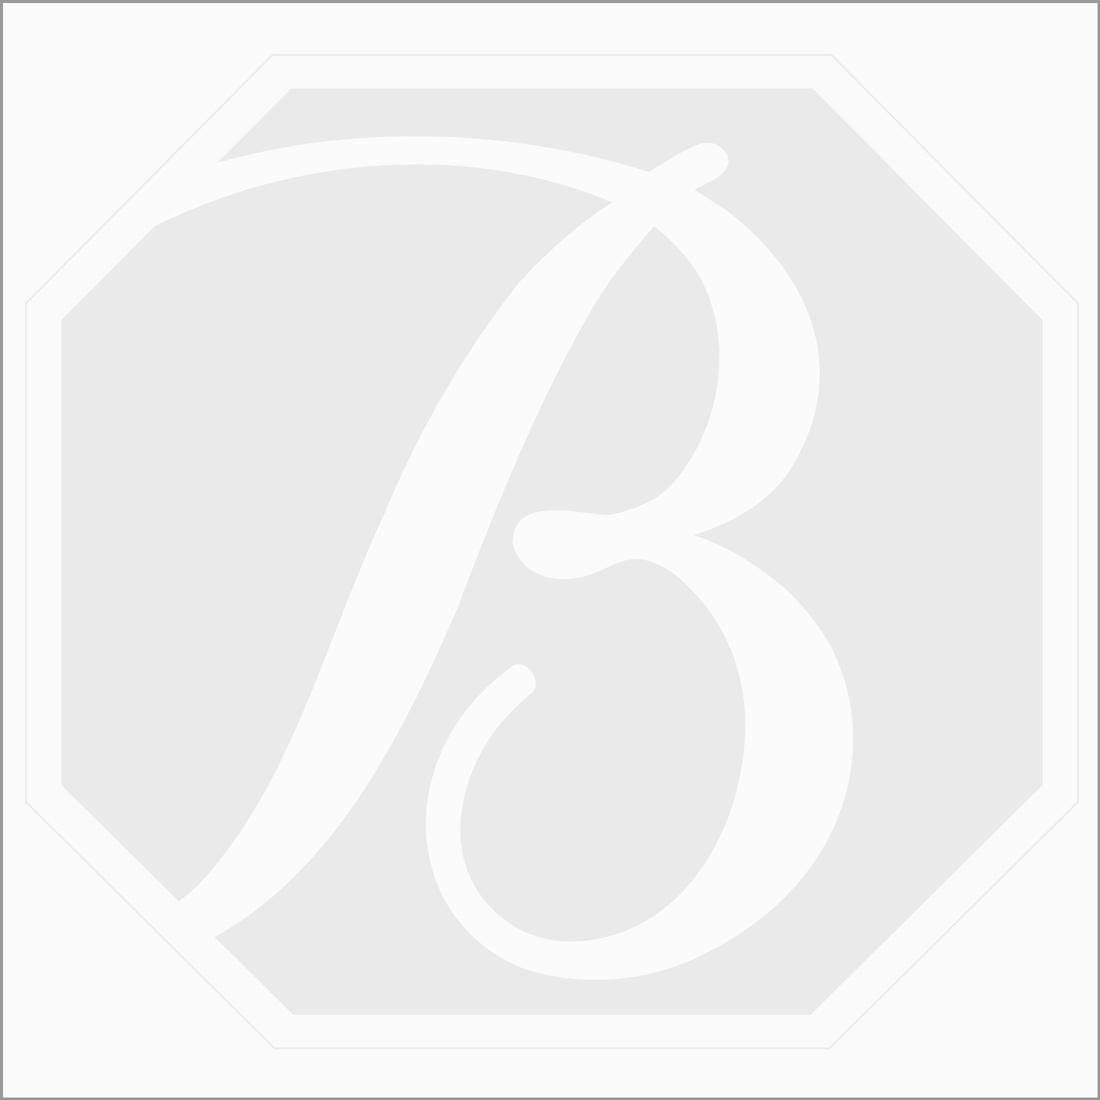 Tourmaline Tumbled Beads - 3 Lines - 1260.00 carats (Tour1001)